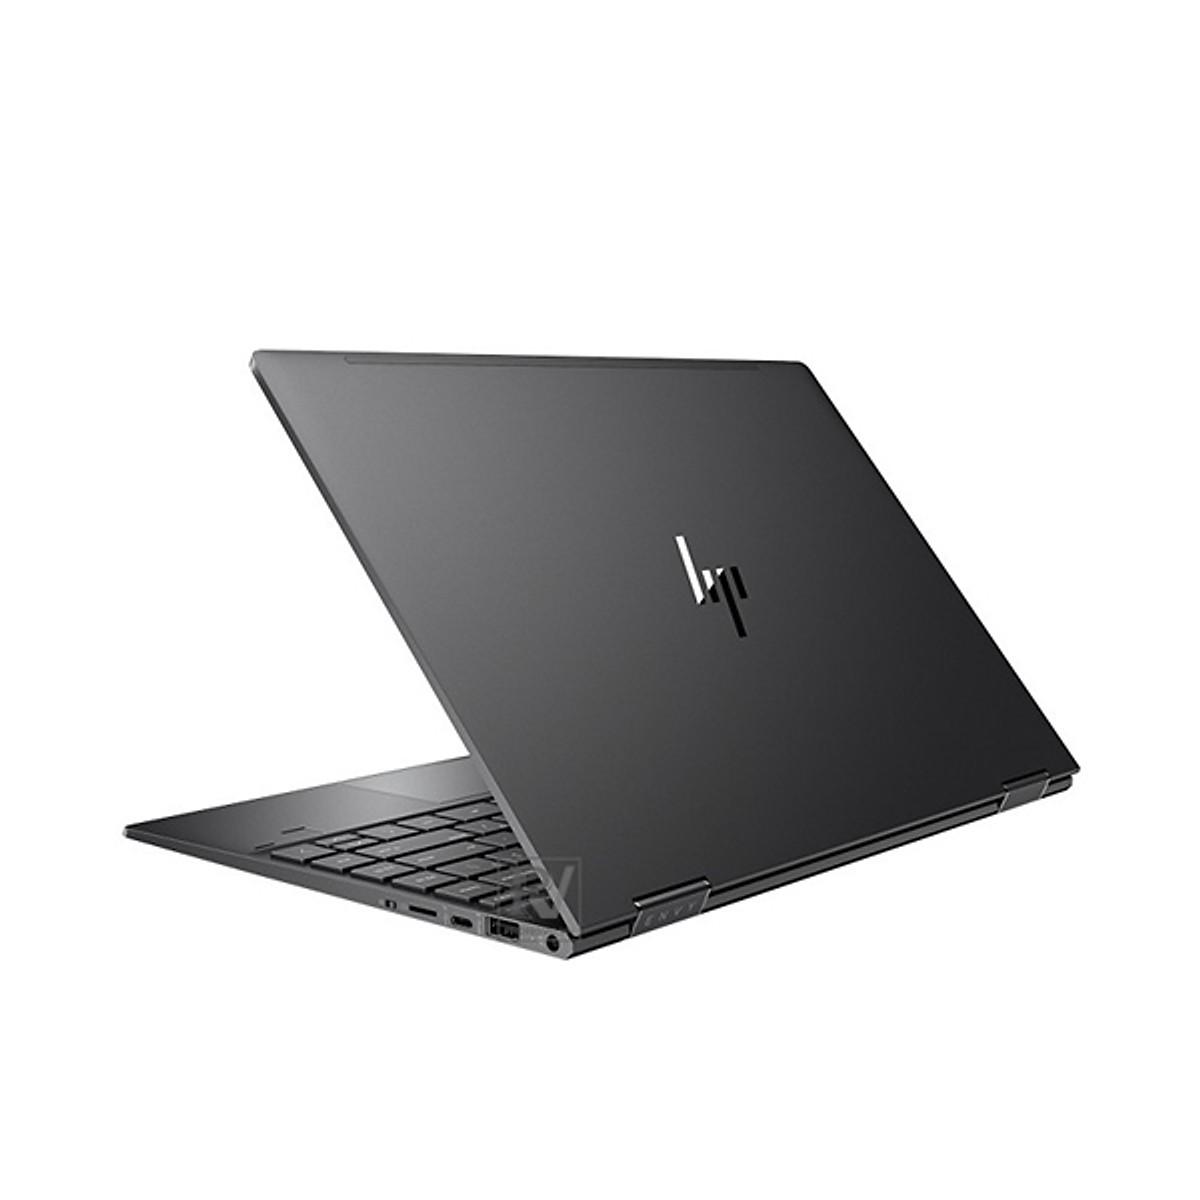 HP Envy x360 ar0072AU